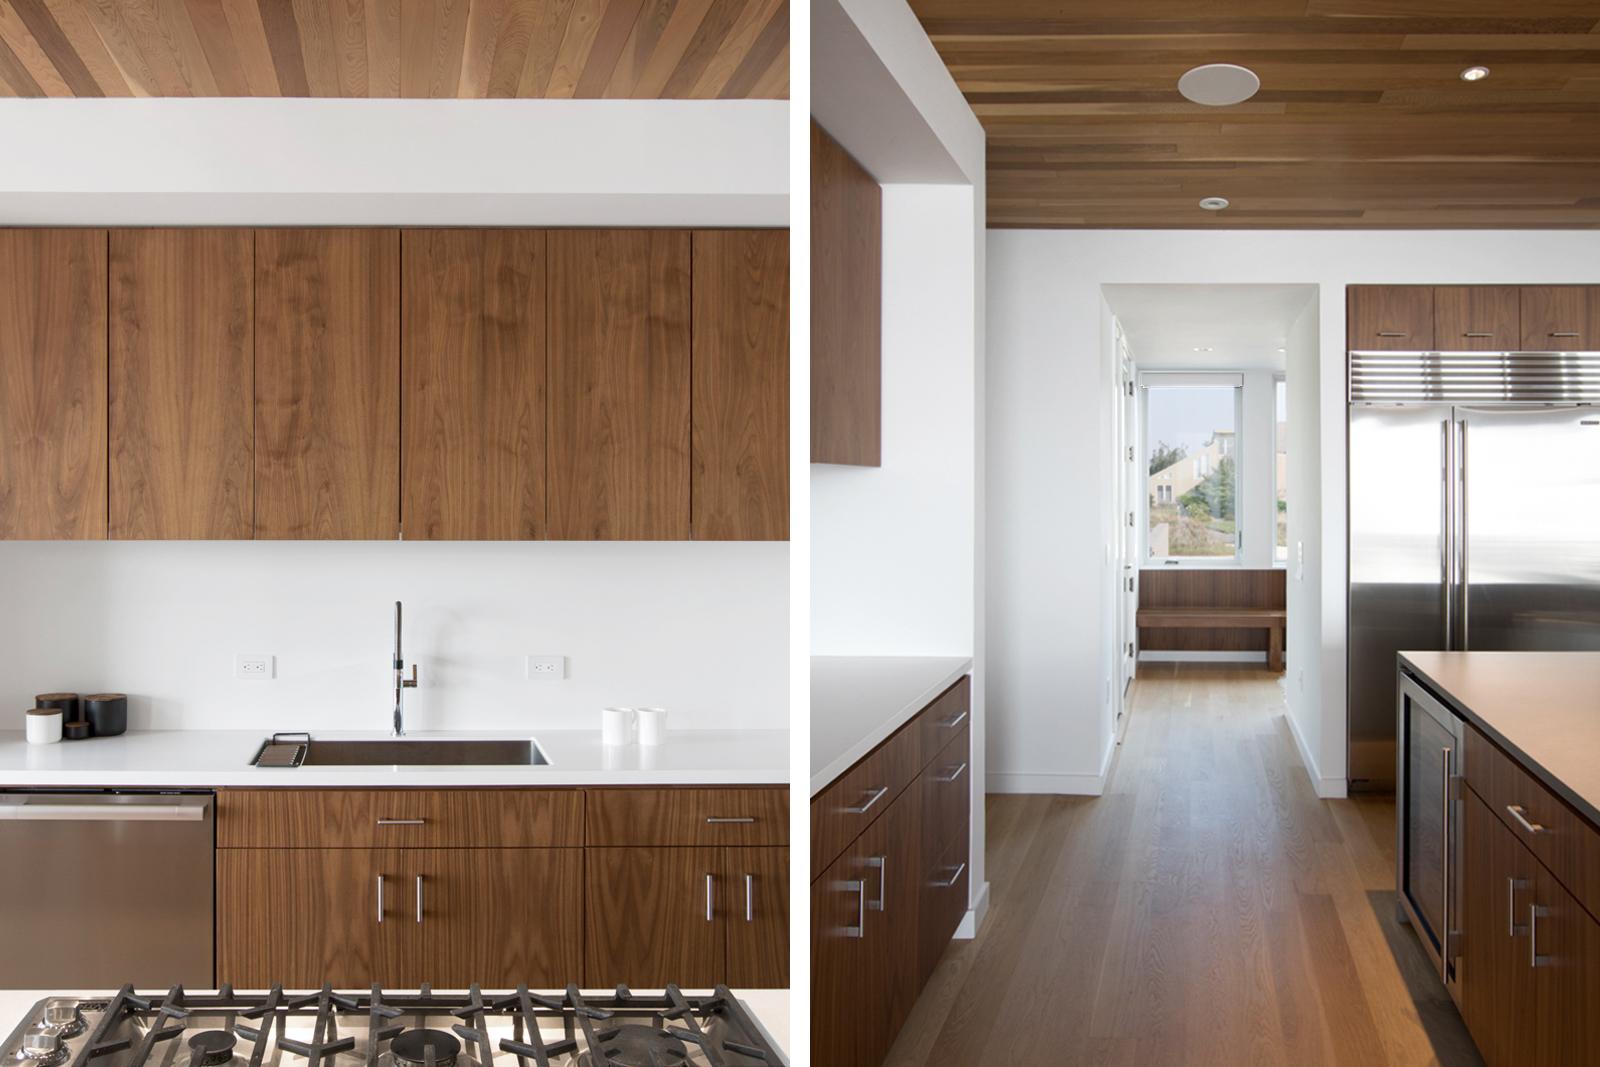 16-res4-resolution-4-architecture-modern-modular-house-prefab-home-north-fork-bluff-house-interior-kitchen-island-millwork.jpg